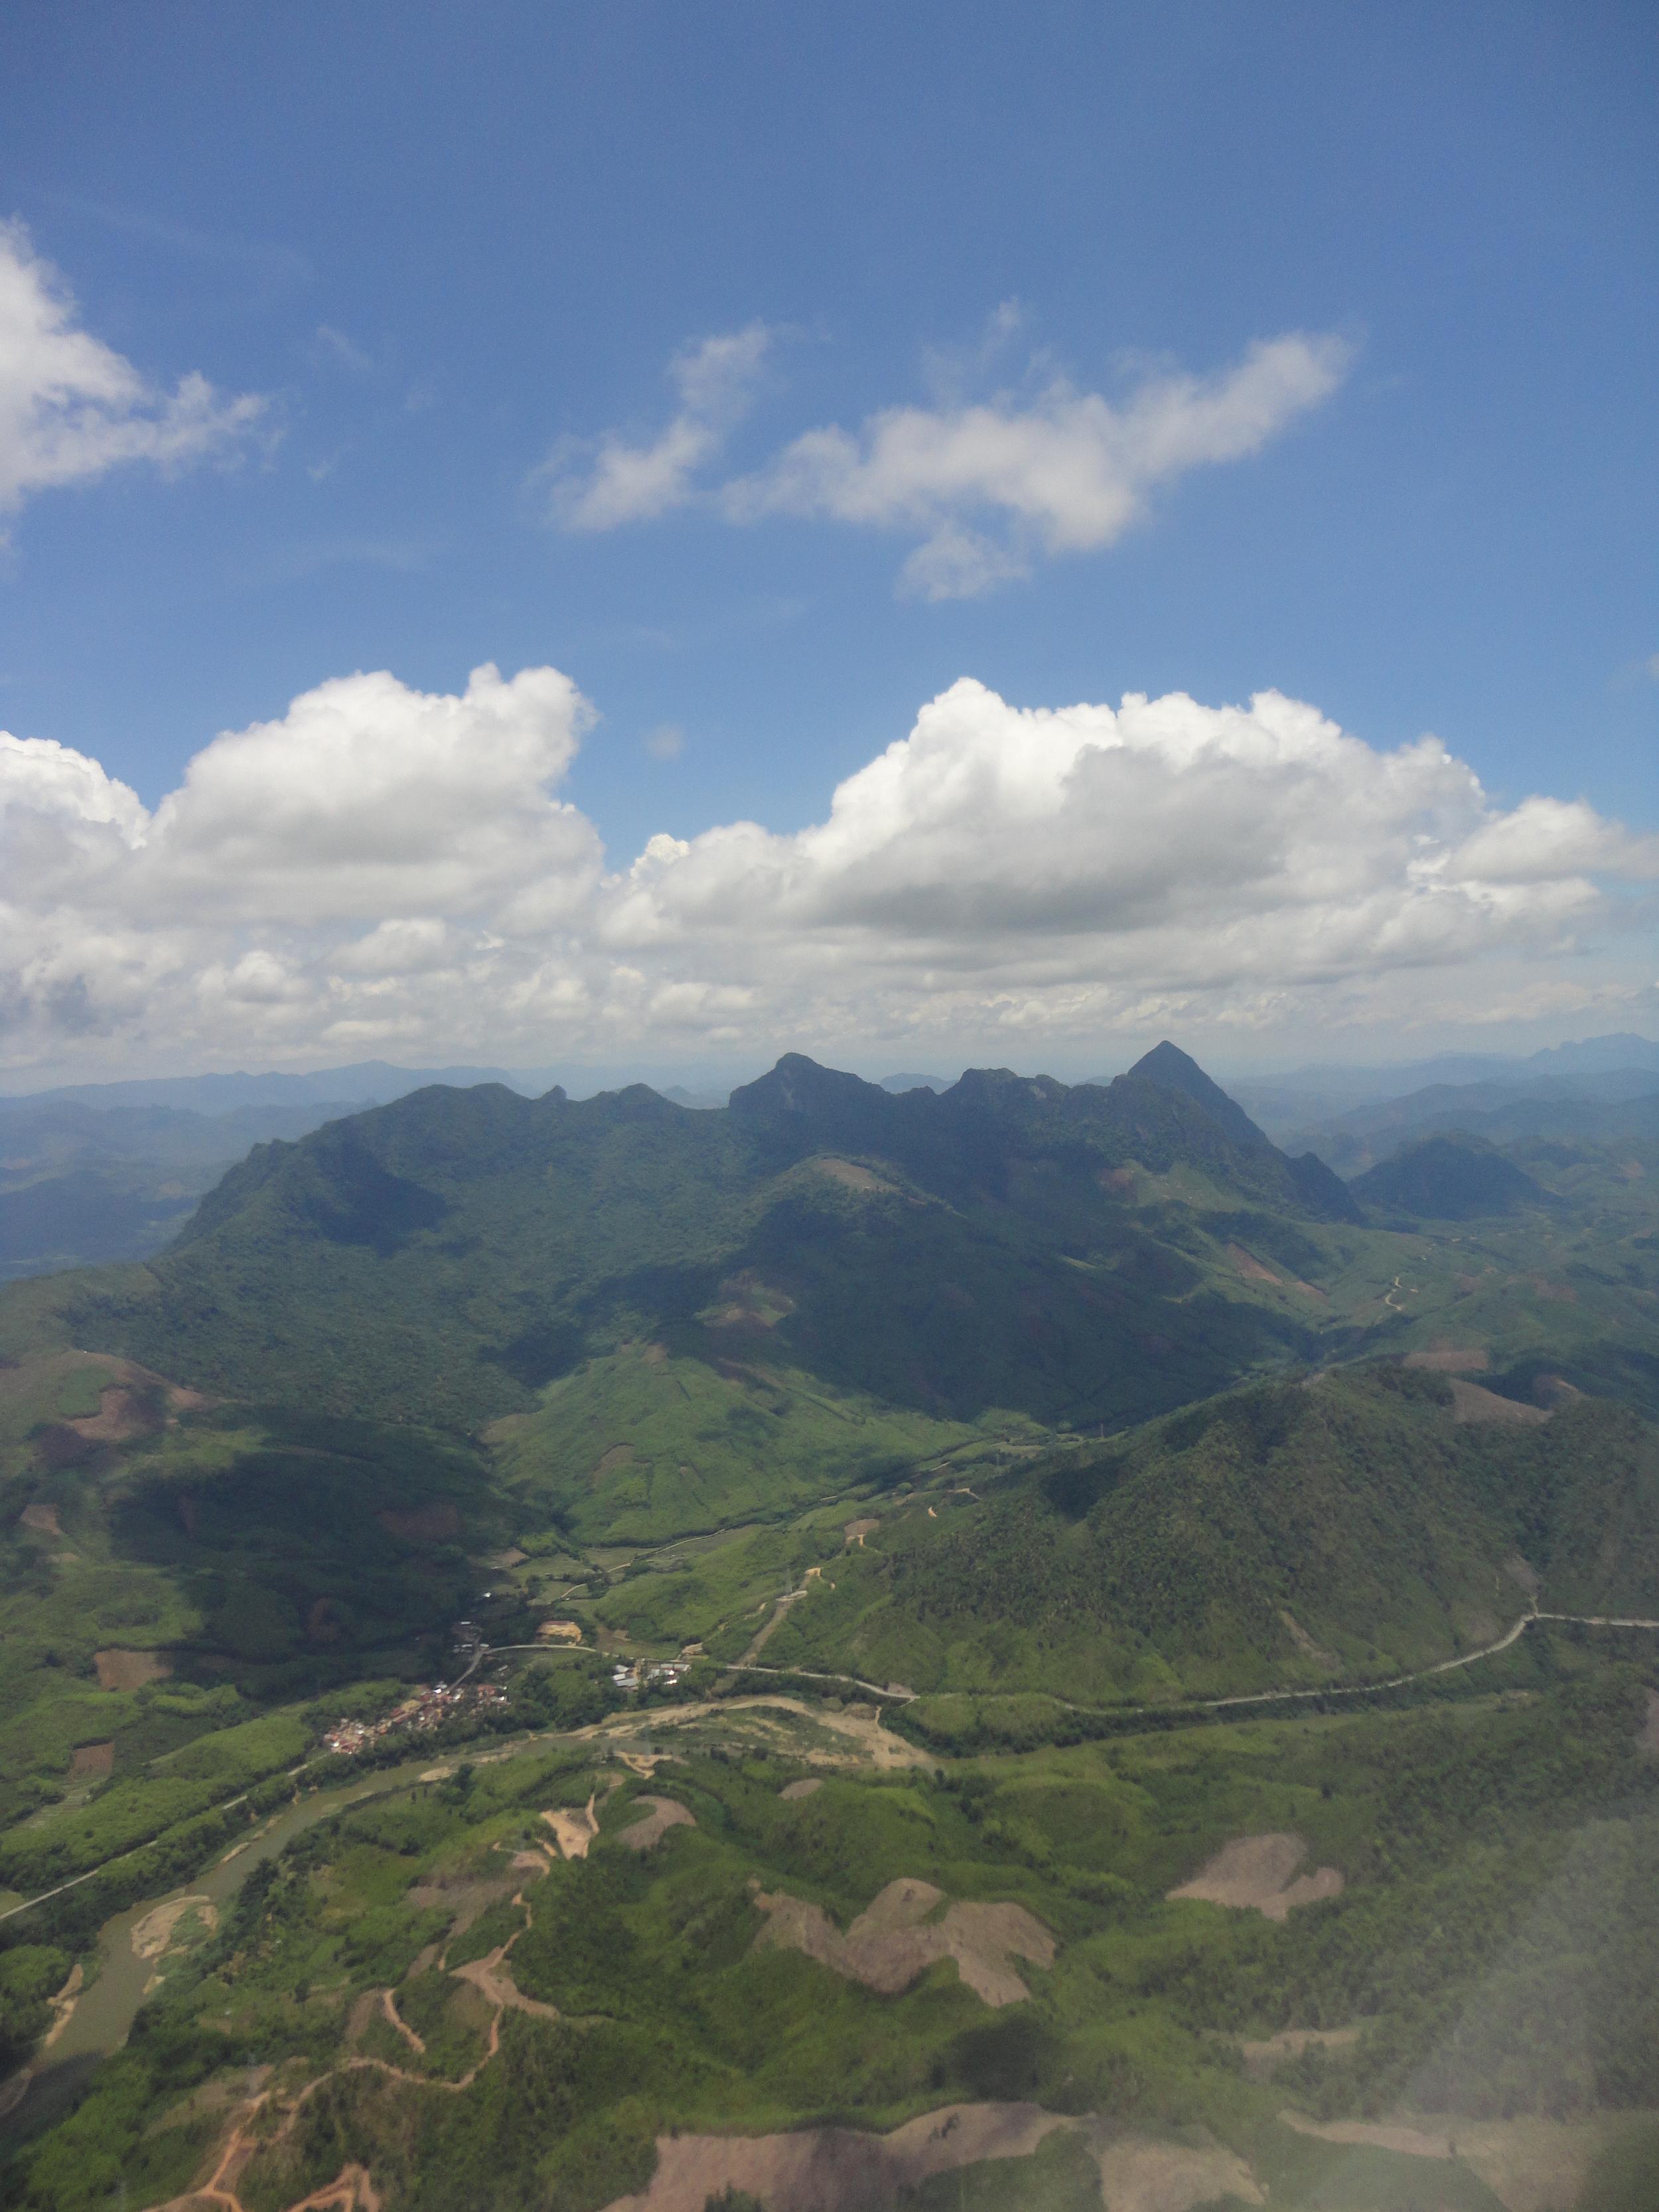 luang-prabang-mountains